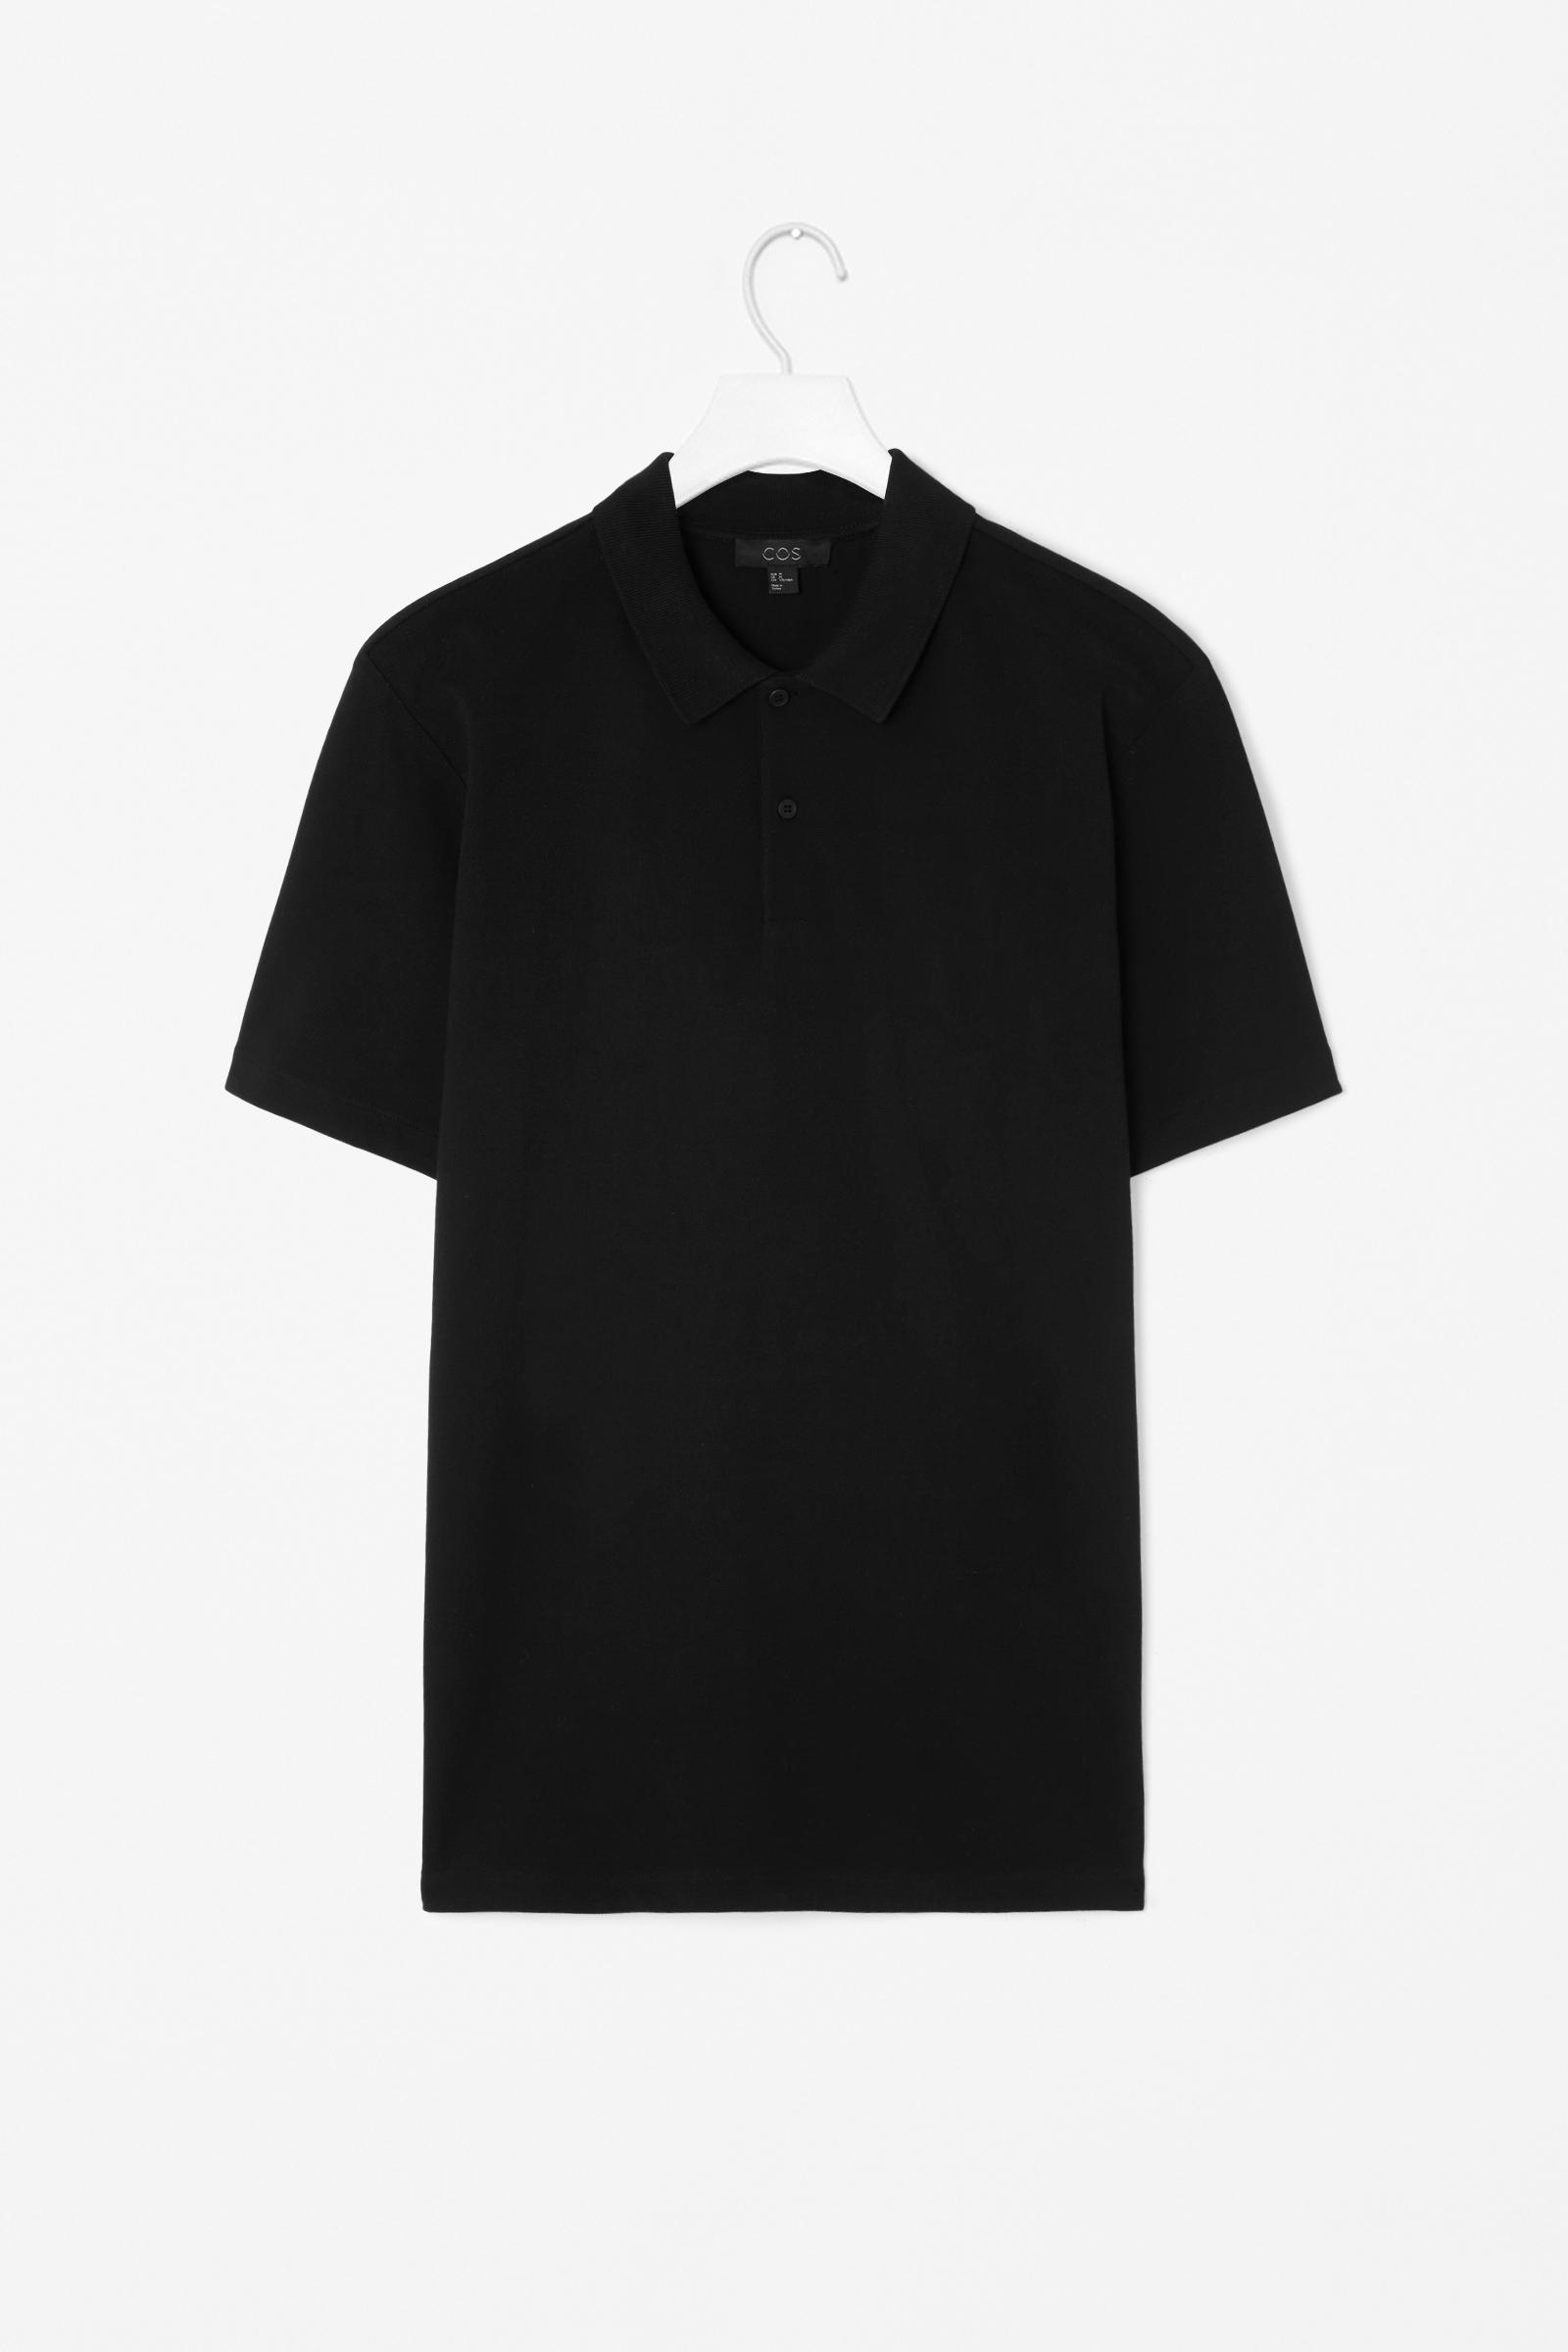 Cos pique cotton polo shirt in black for men lyst for Black cotton polo shirt